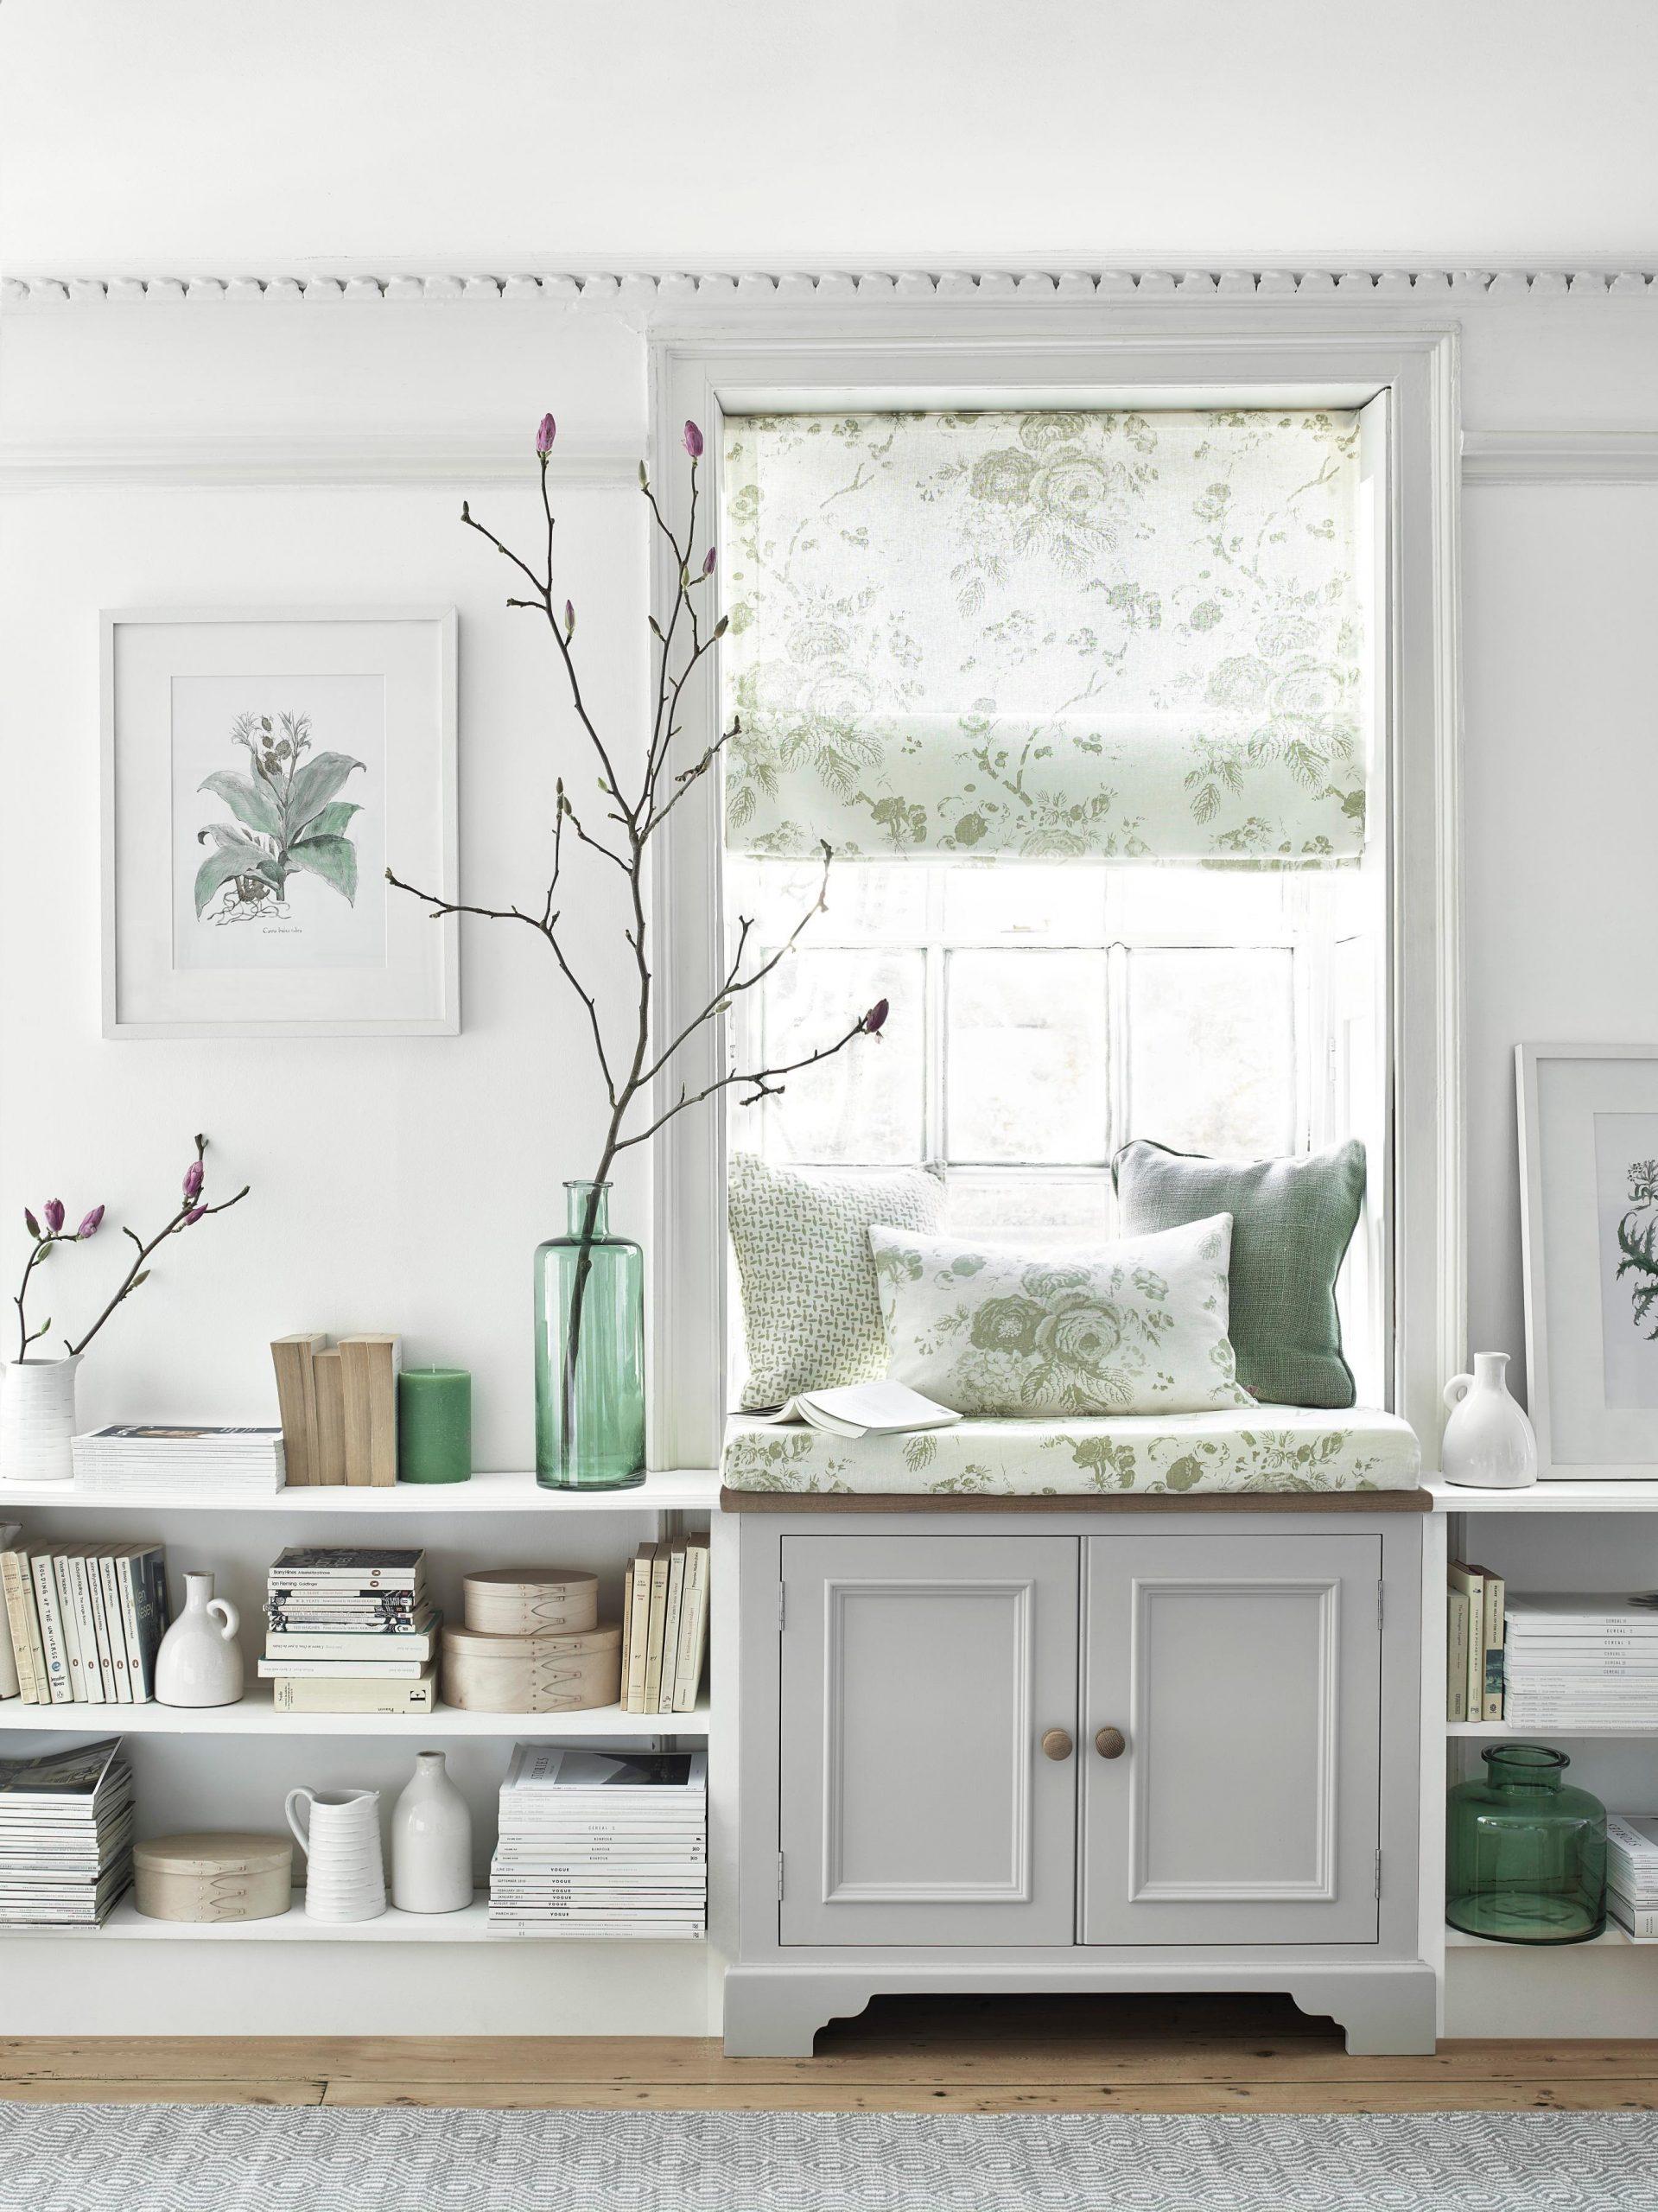 Full Size of Plissee Fenster Zum Klemmen Ikea Ohne Bohren Montage Im Glasfalz Ausmessen Soluna Montageanleitung Undicht Amazon Innen Montieren Kleben Stilvoller Und Fenster Plissee Fenster